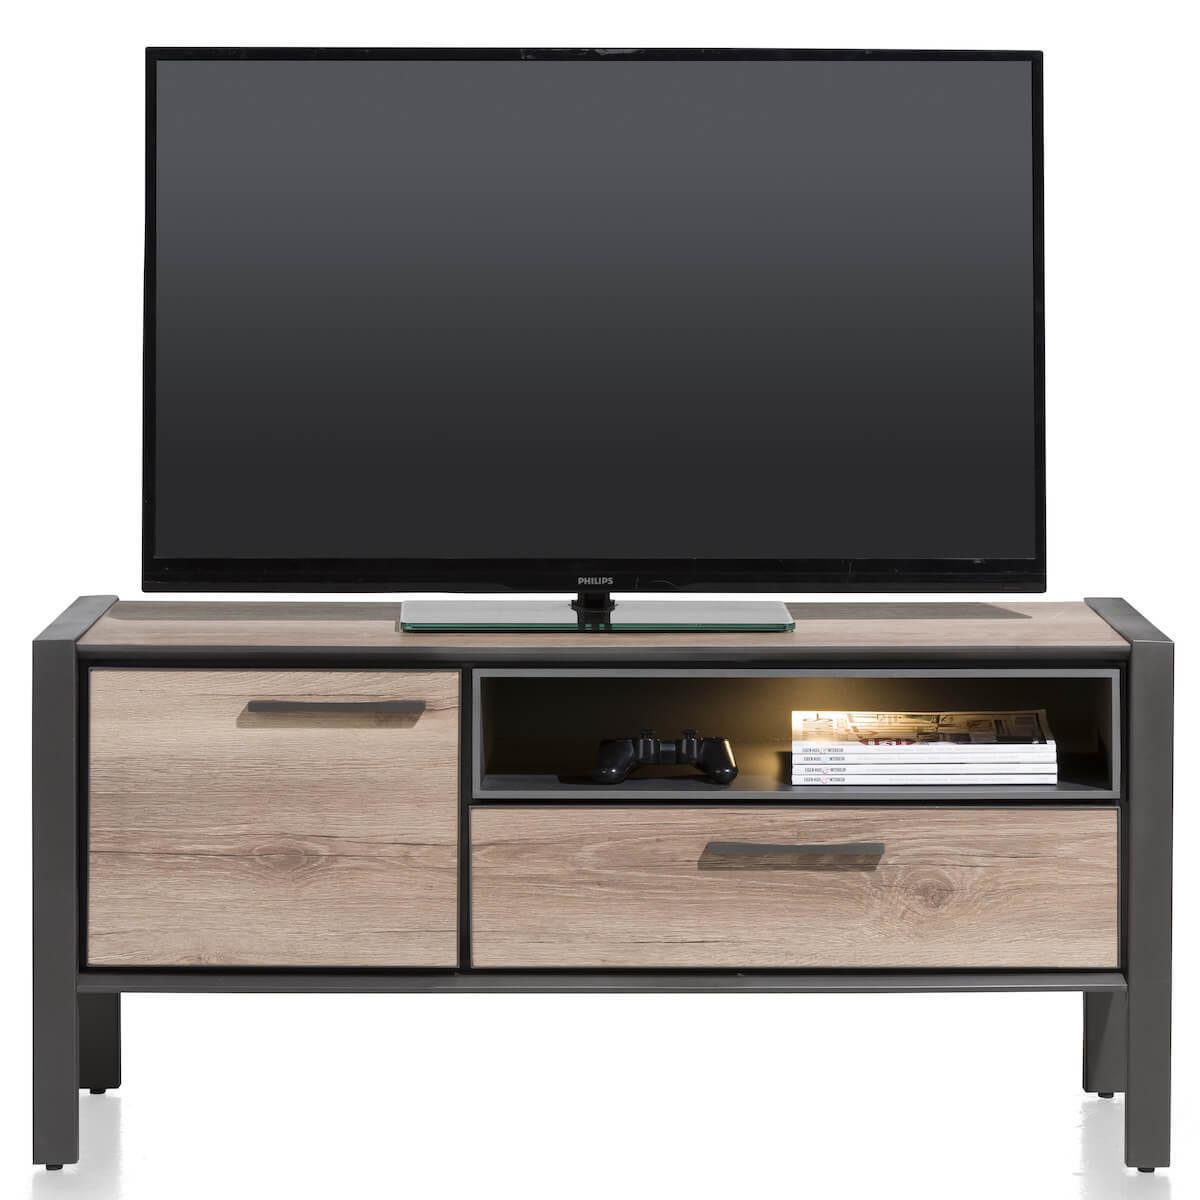 Meuble TV 130cm COPENHAGEN Henders & Hazel